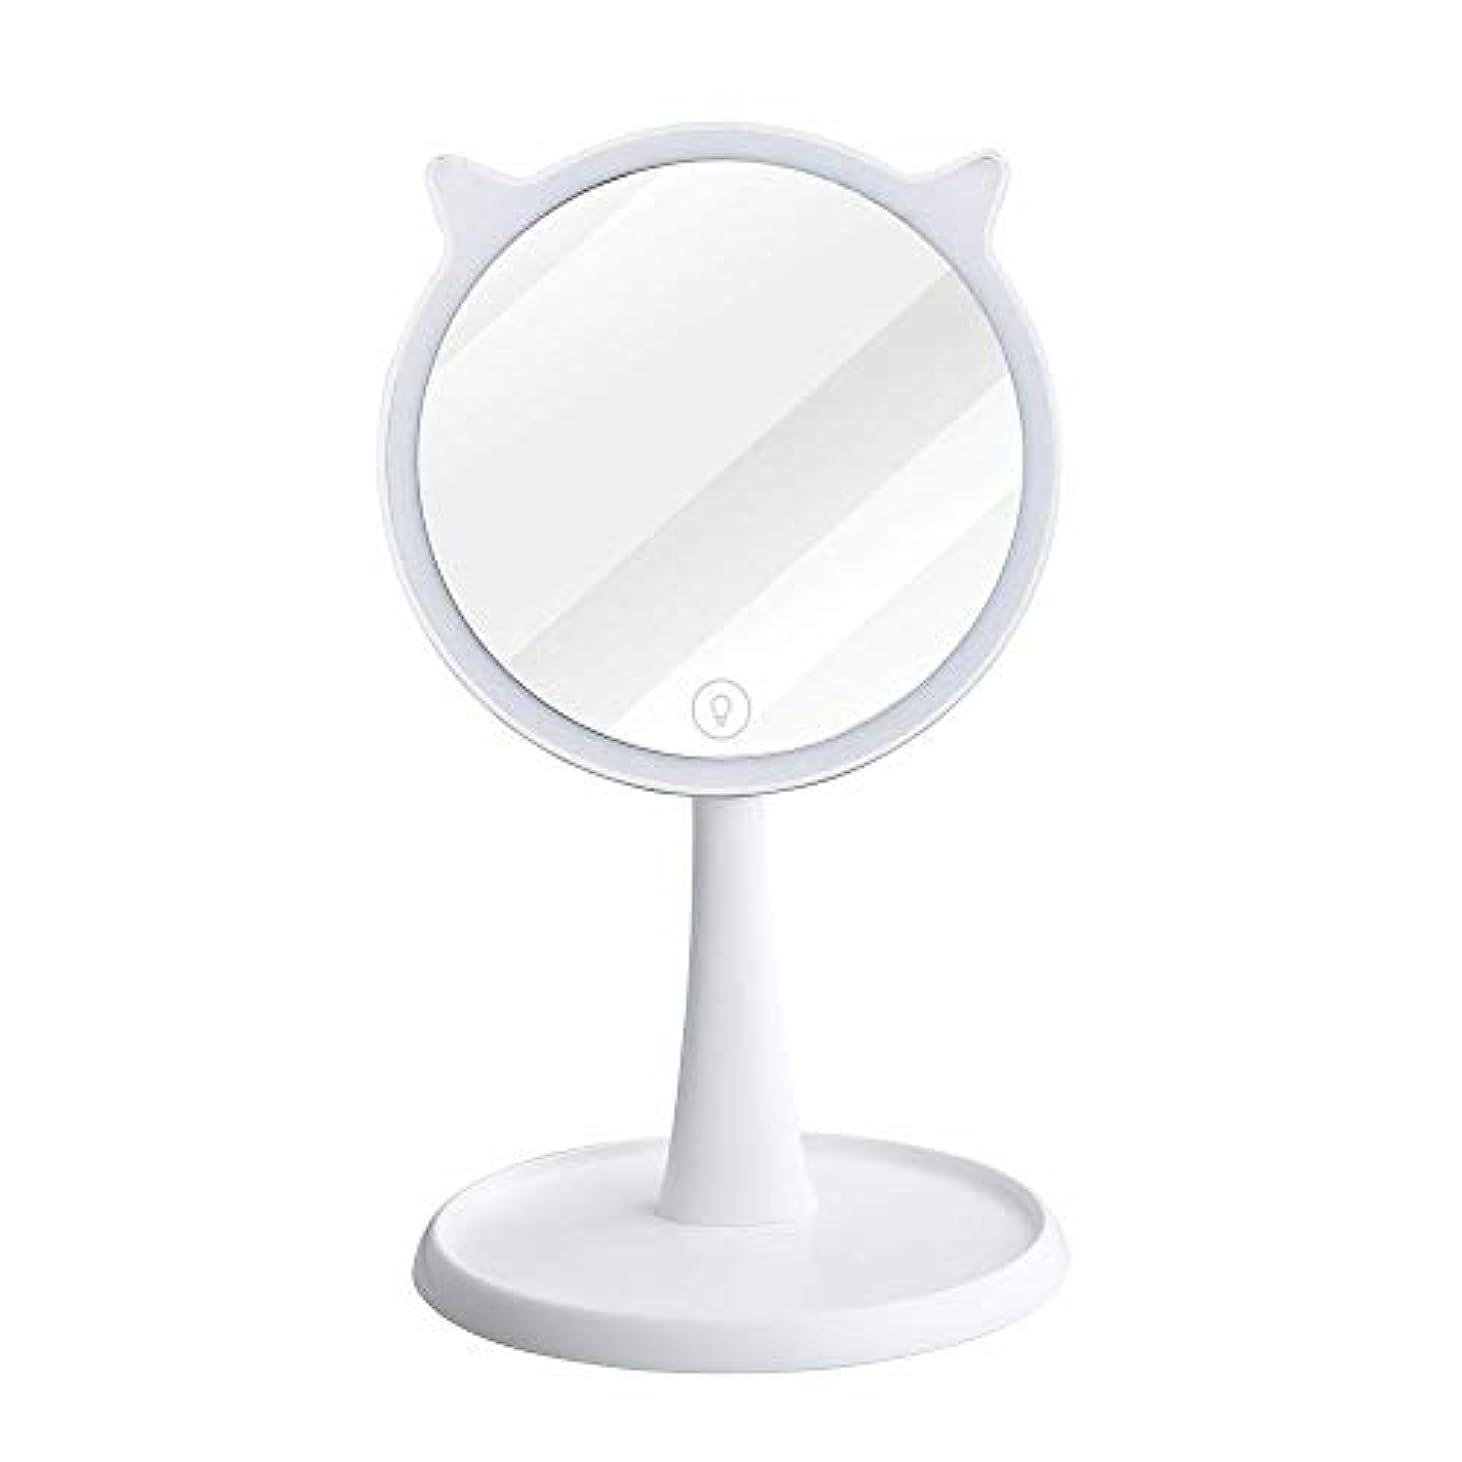 体細胞レンダリングビートMIJIYU 化粧鏡 スタンドミラー LED化粧鏡 女優ミラー 鏡 卓上 5倍拡大鏡 付き 明るさ調節可能 USB給電 化粧グッズ 日本語説明書付き (ホワイト)